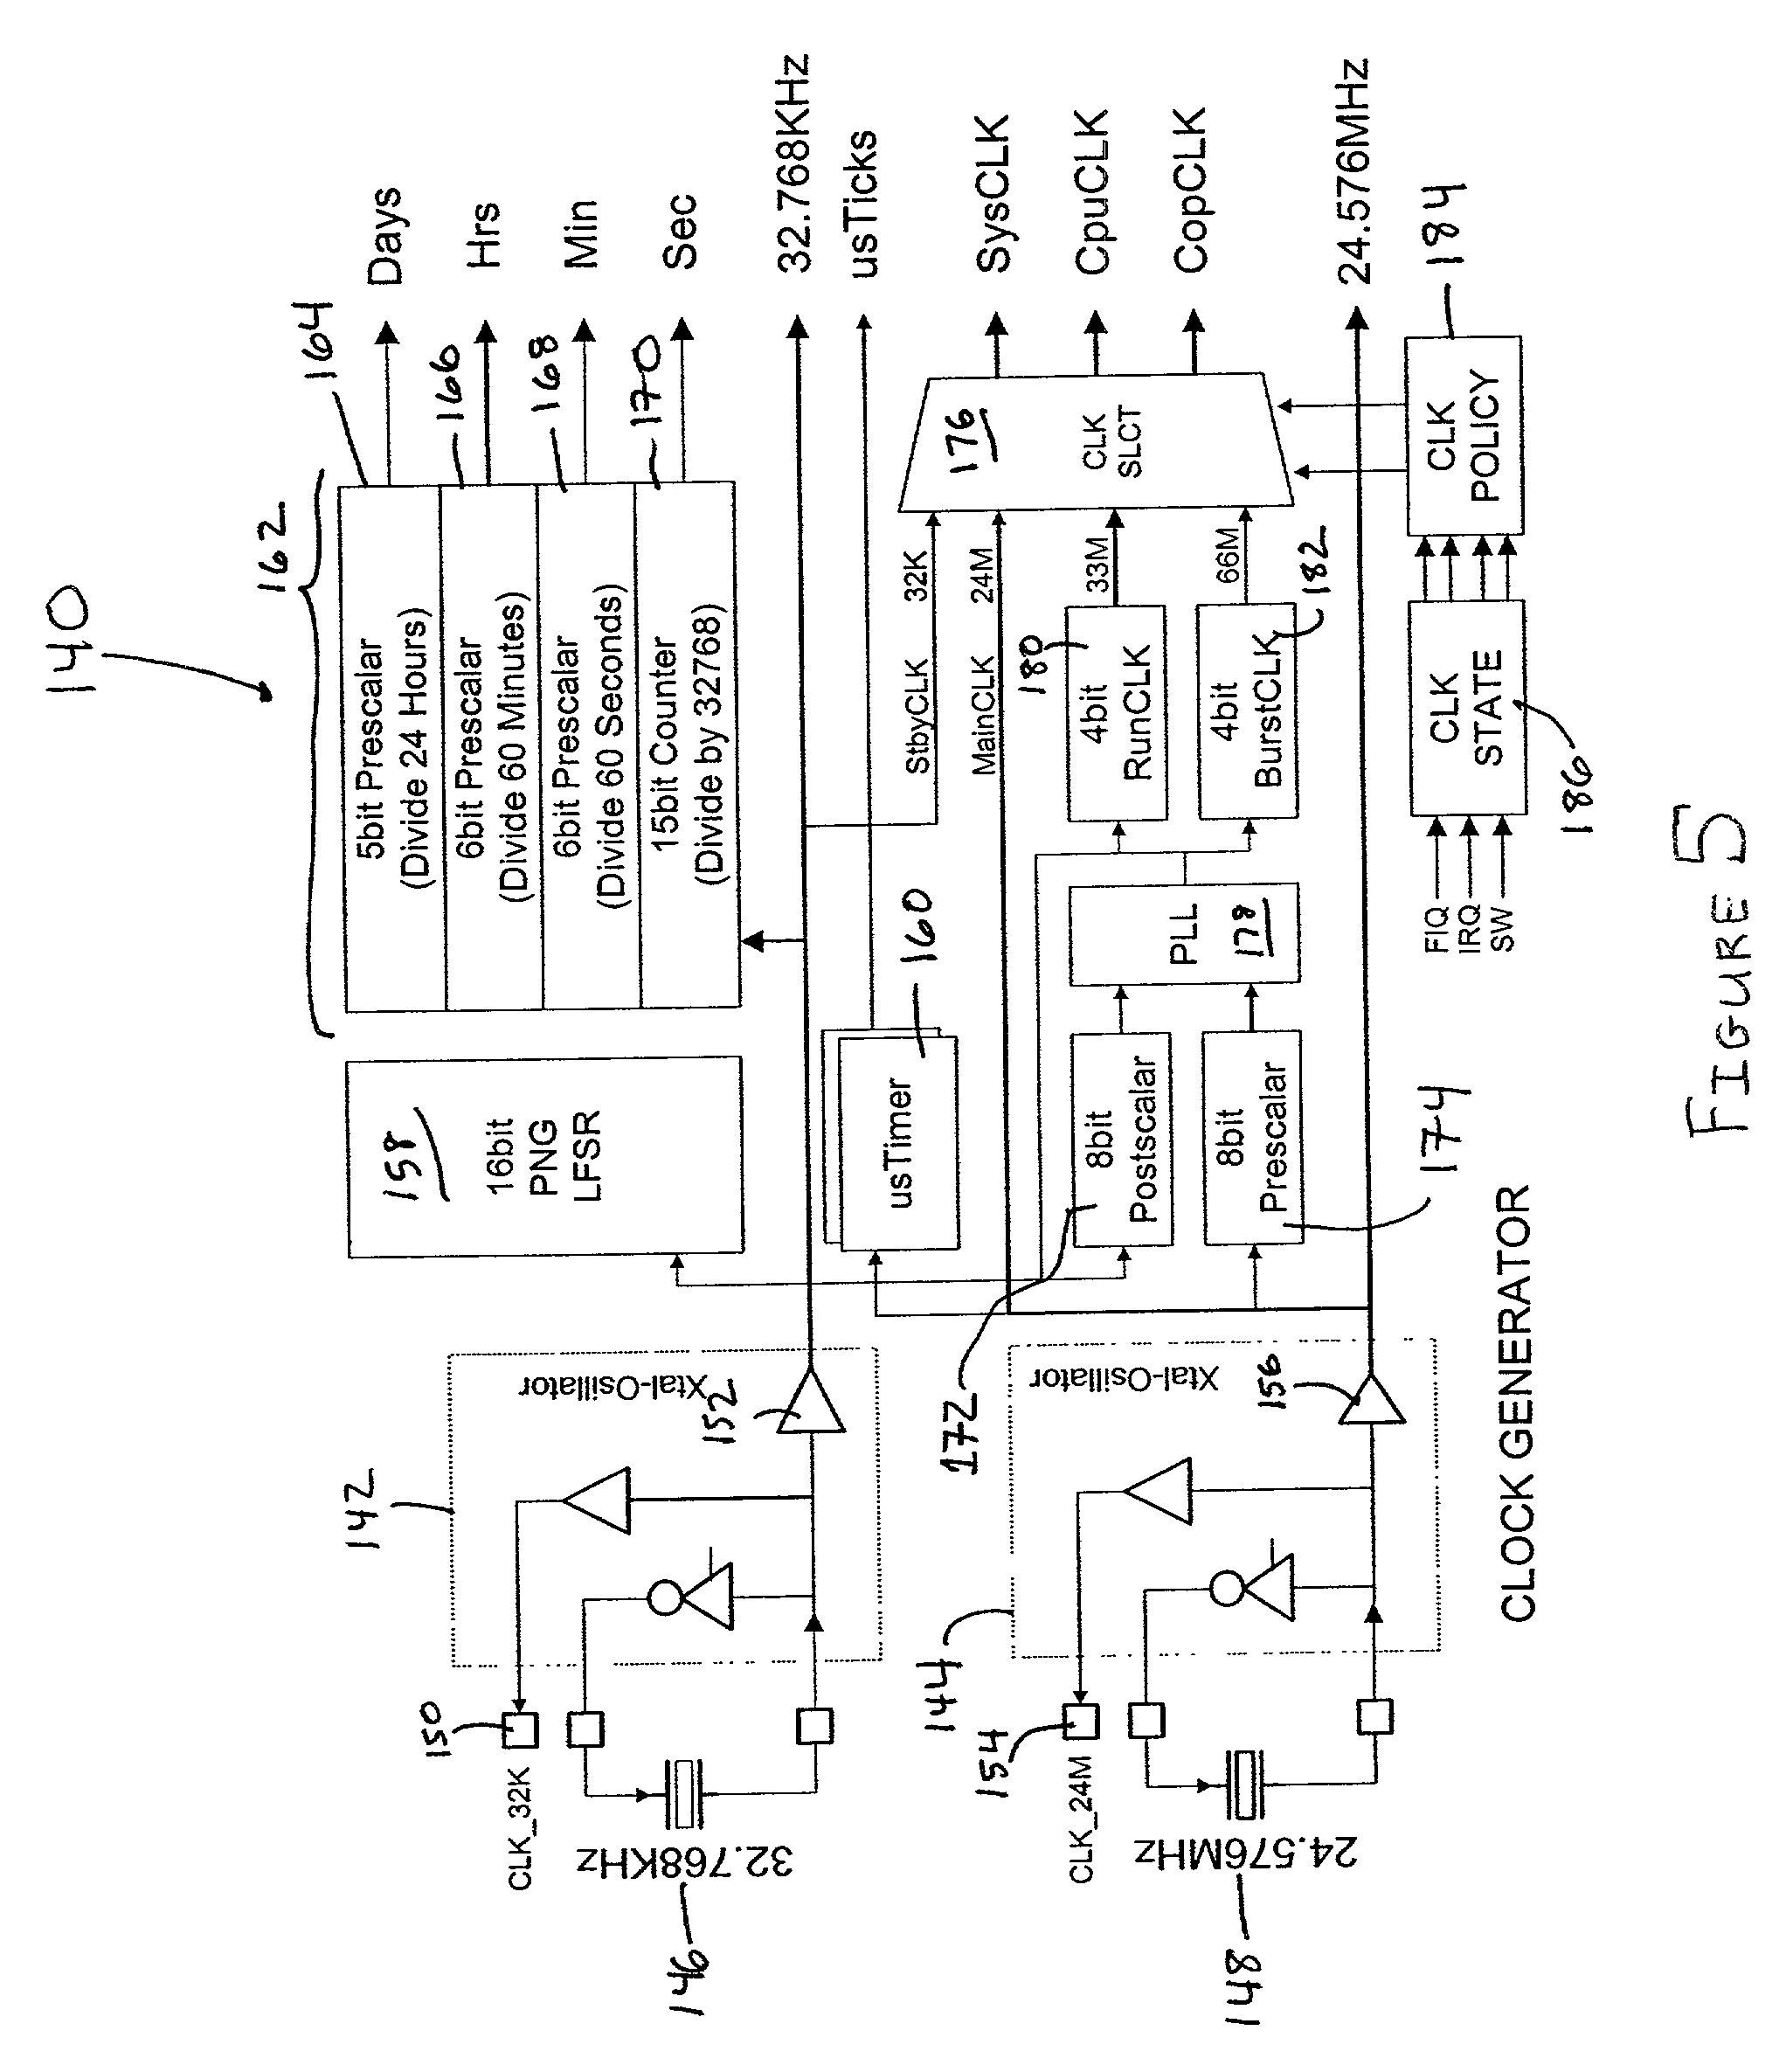 patent us6990594